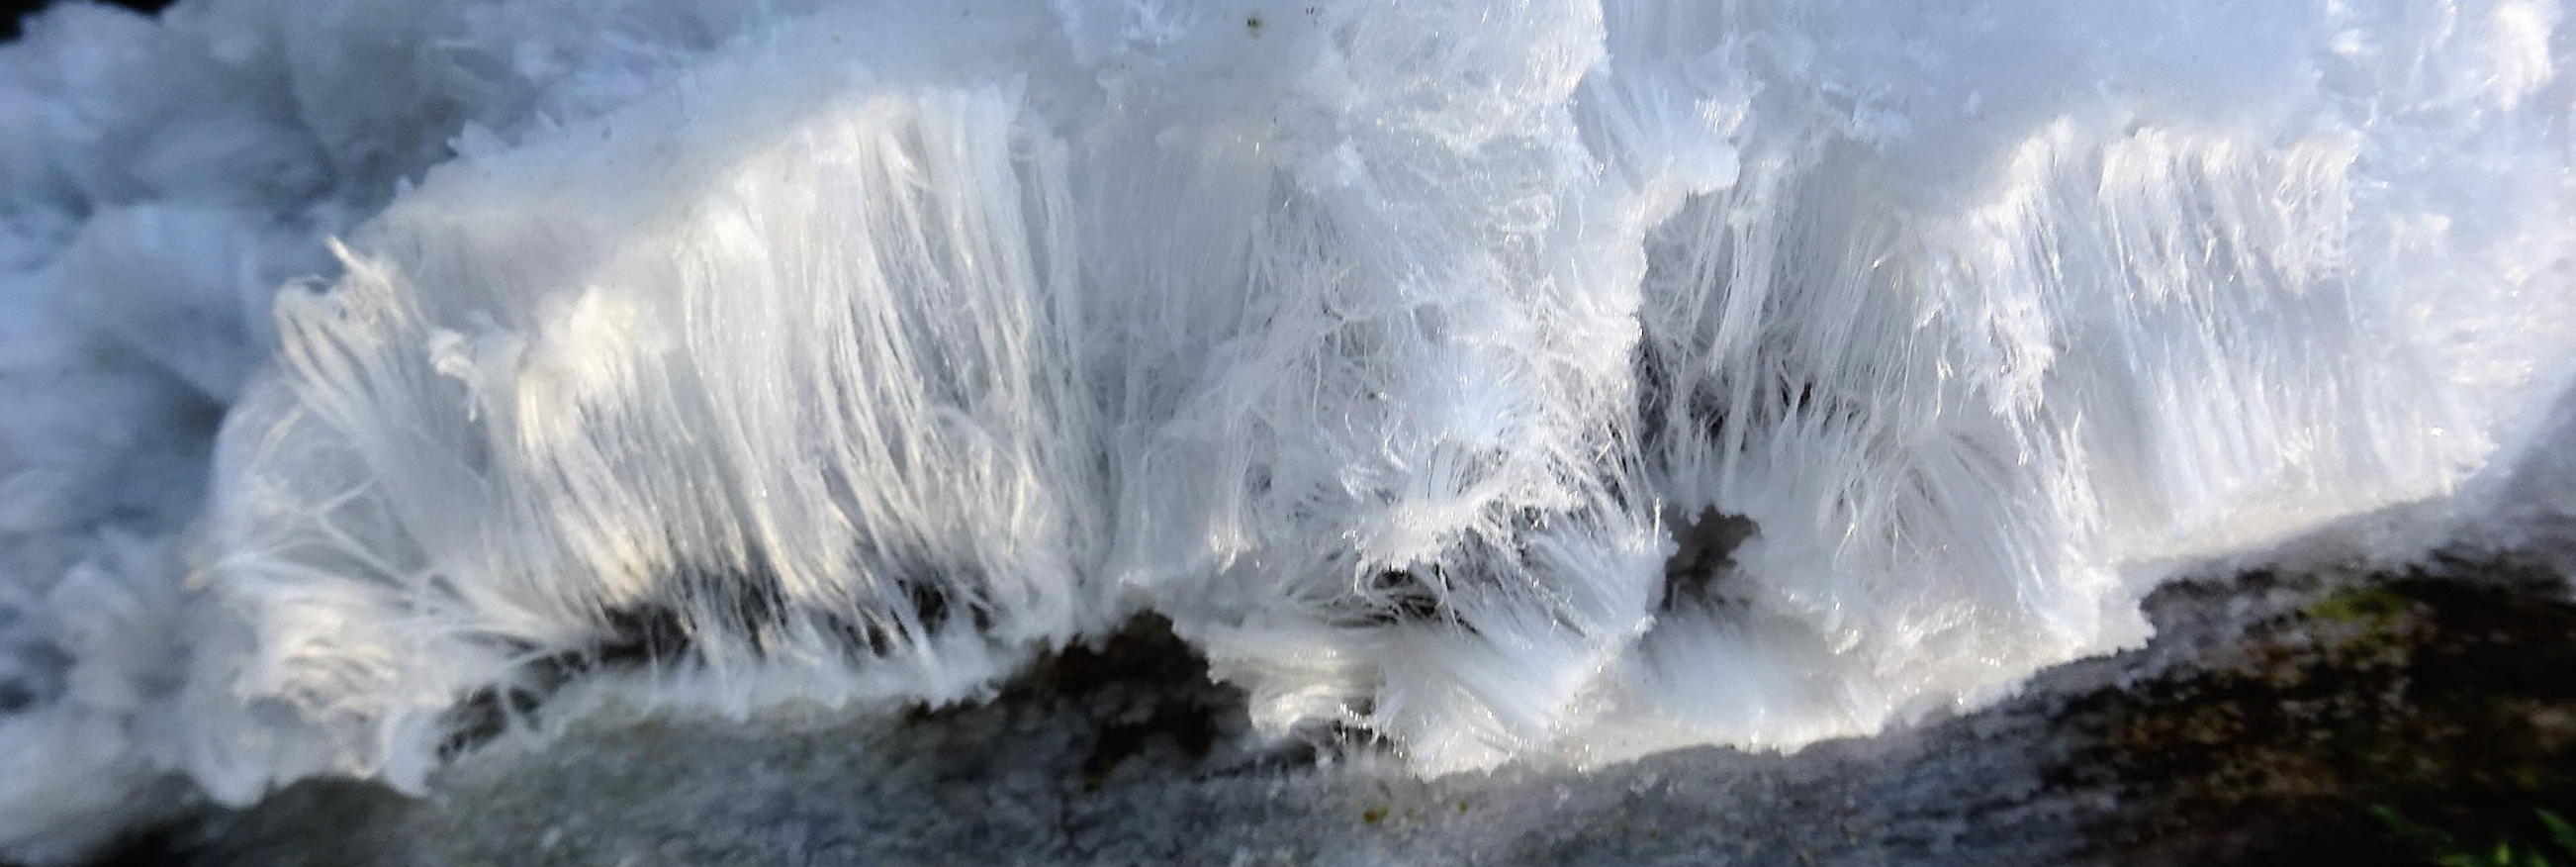 Isrose - frostrose - ishår - det vakre biproduktet laget av talgsoppen Exidiopsis effusa